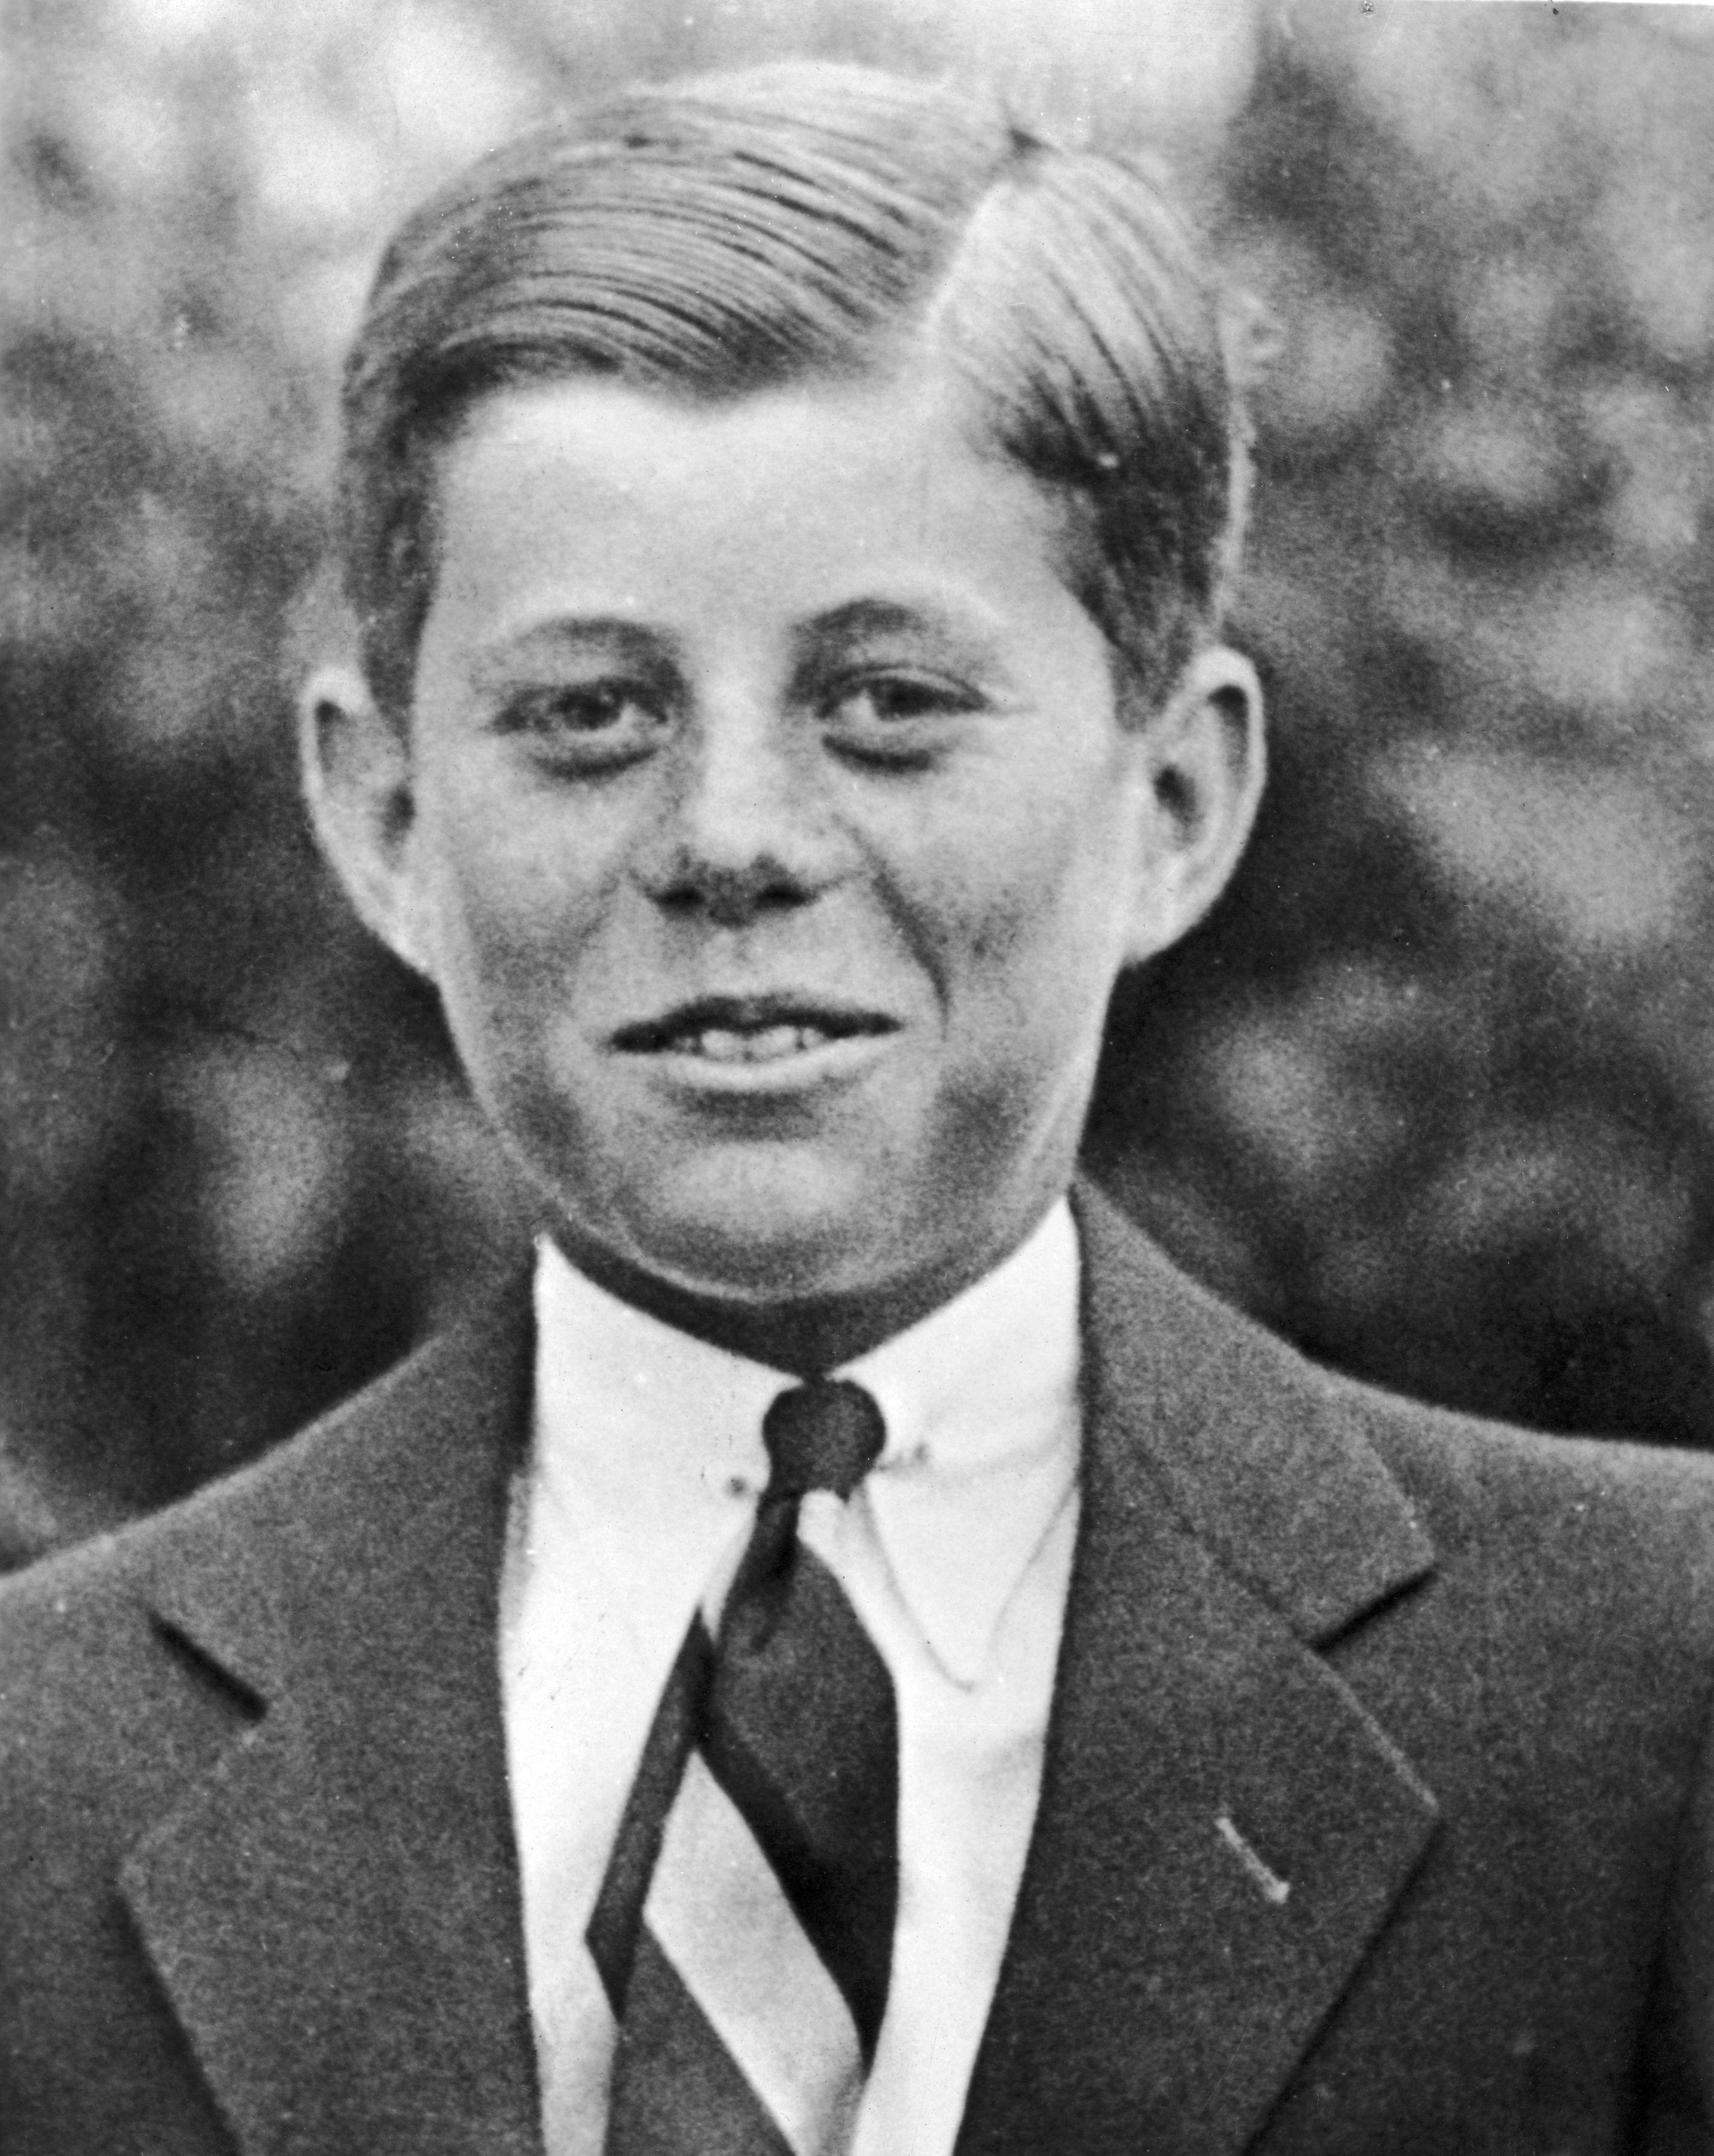 JFK as a boy